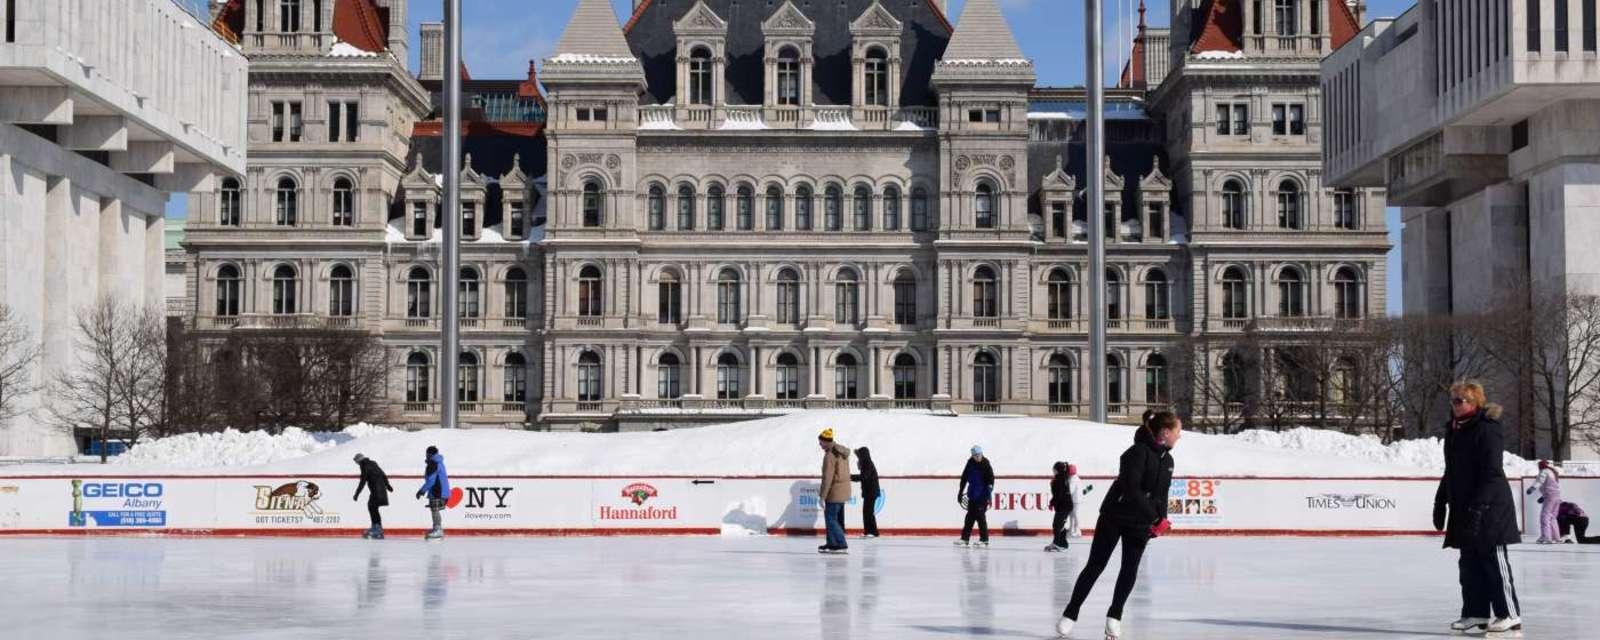 Ice Skating at the Plaza